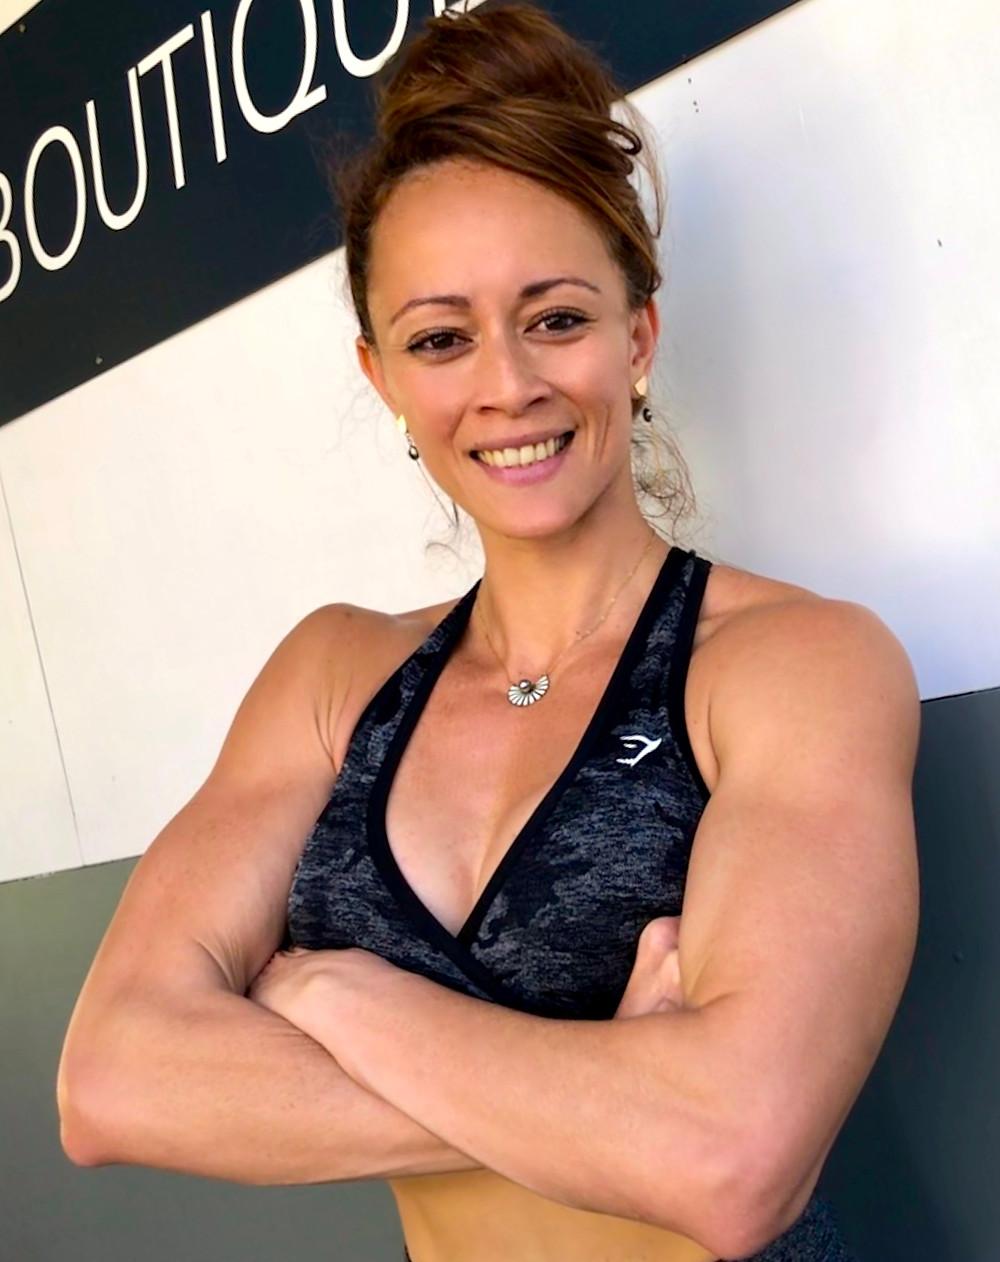 Temoemoe VANFAU - IFBB Elite Pro Athlete